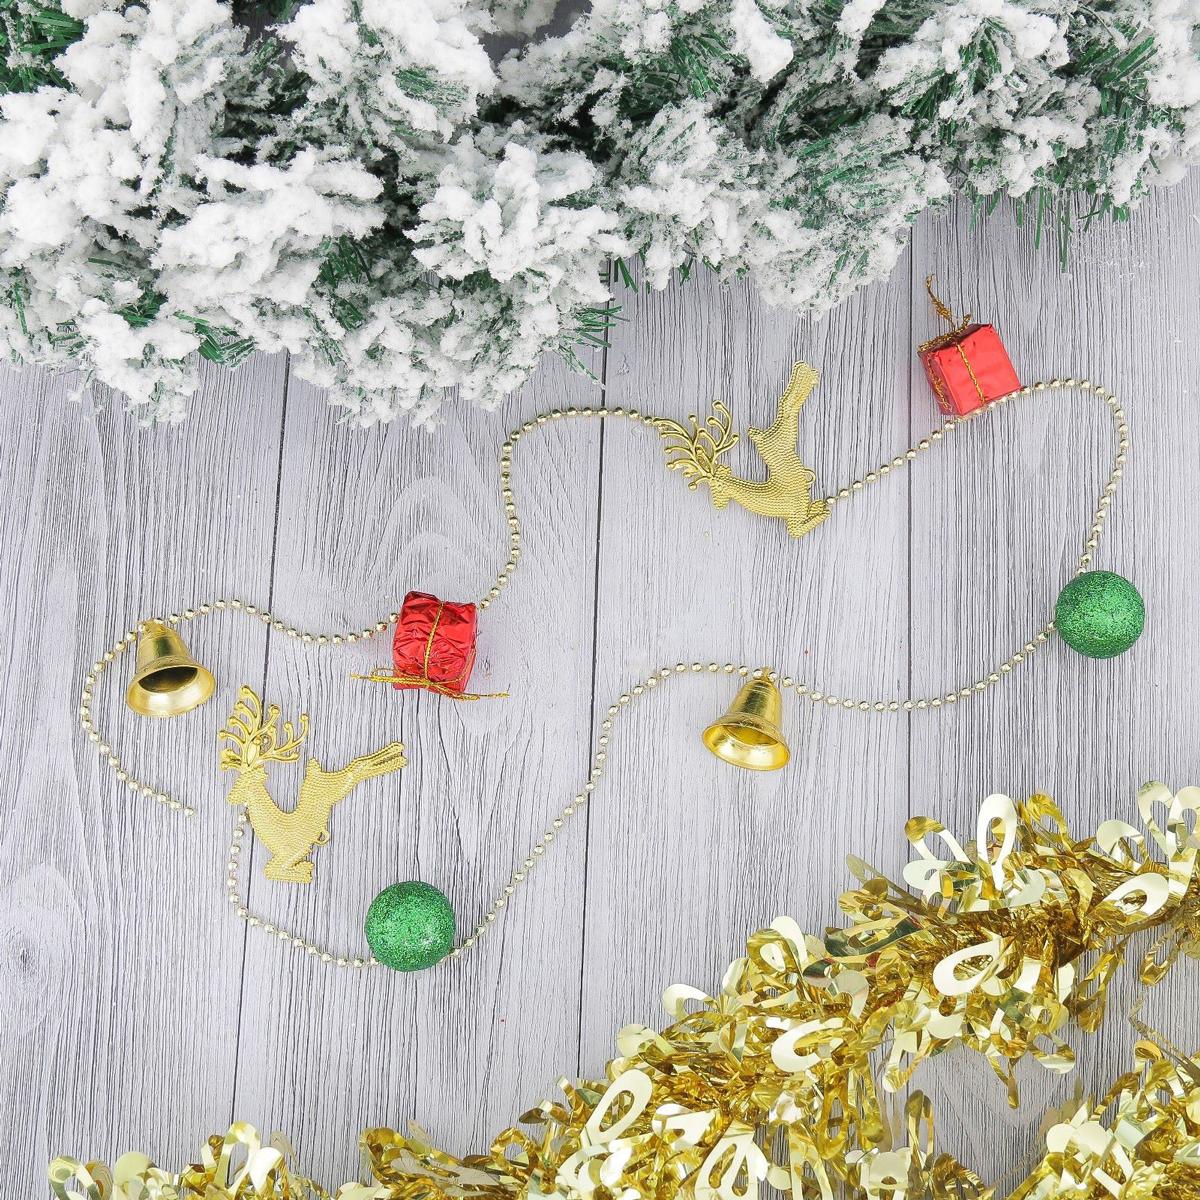 Бусы на елку NoName Шарики, подарки, олени, длина 90 см2371139Невозможно представить нашу жизнь без праздников! Мы всегда ждем их и предвкушаем, обдумываем, как проведем памятный день, тщательно выбираем подарки и аксессуары, ведь именно они создают и поддерживают торжественный настрой. Это отличный выбор, который привнесет атмосферу праздника в ваш дом!